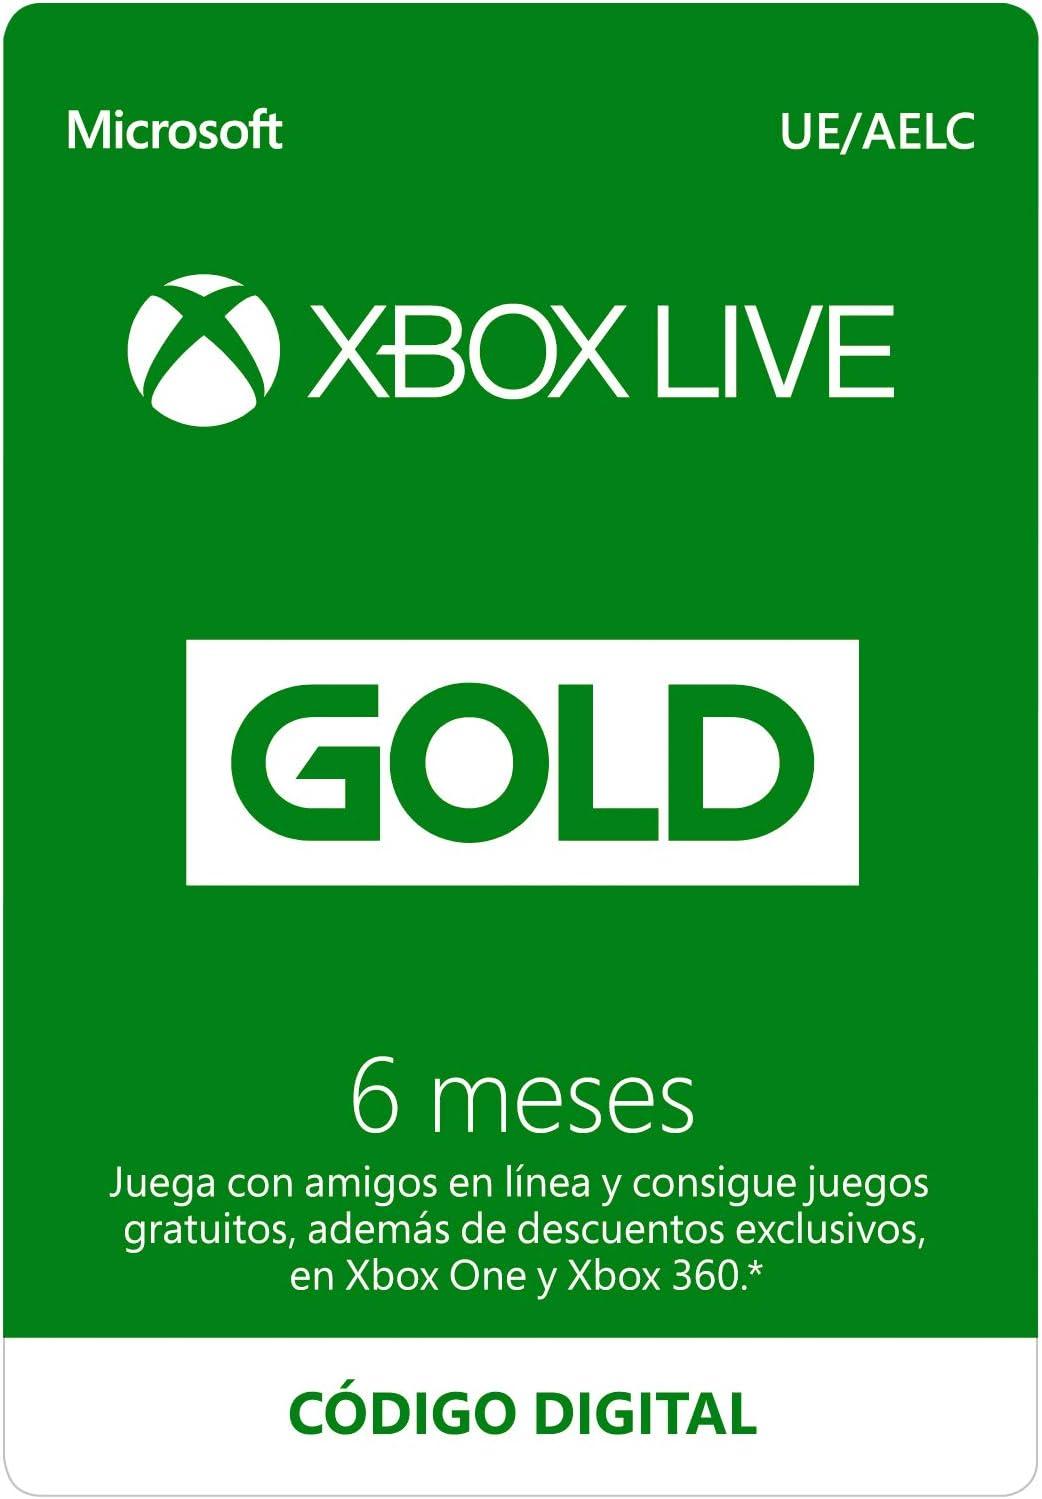 Microsoft Suscripción Xbox Live Gold - 6 Meses | Xbox Live - Código de descarga